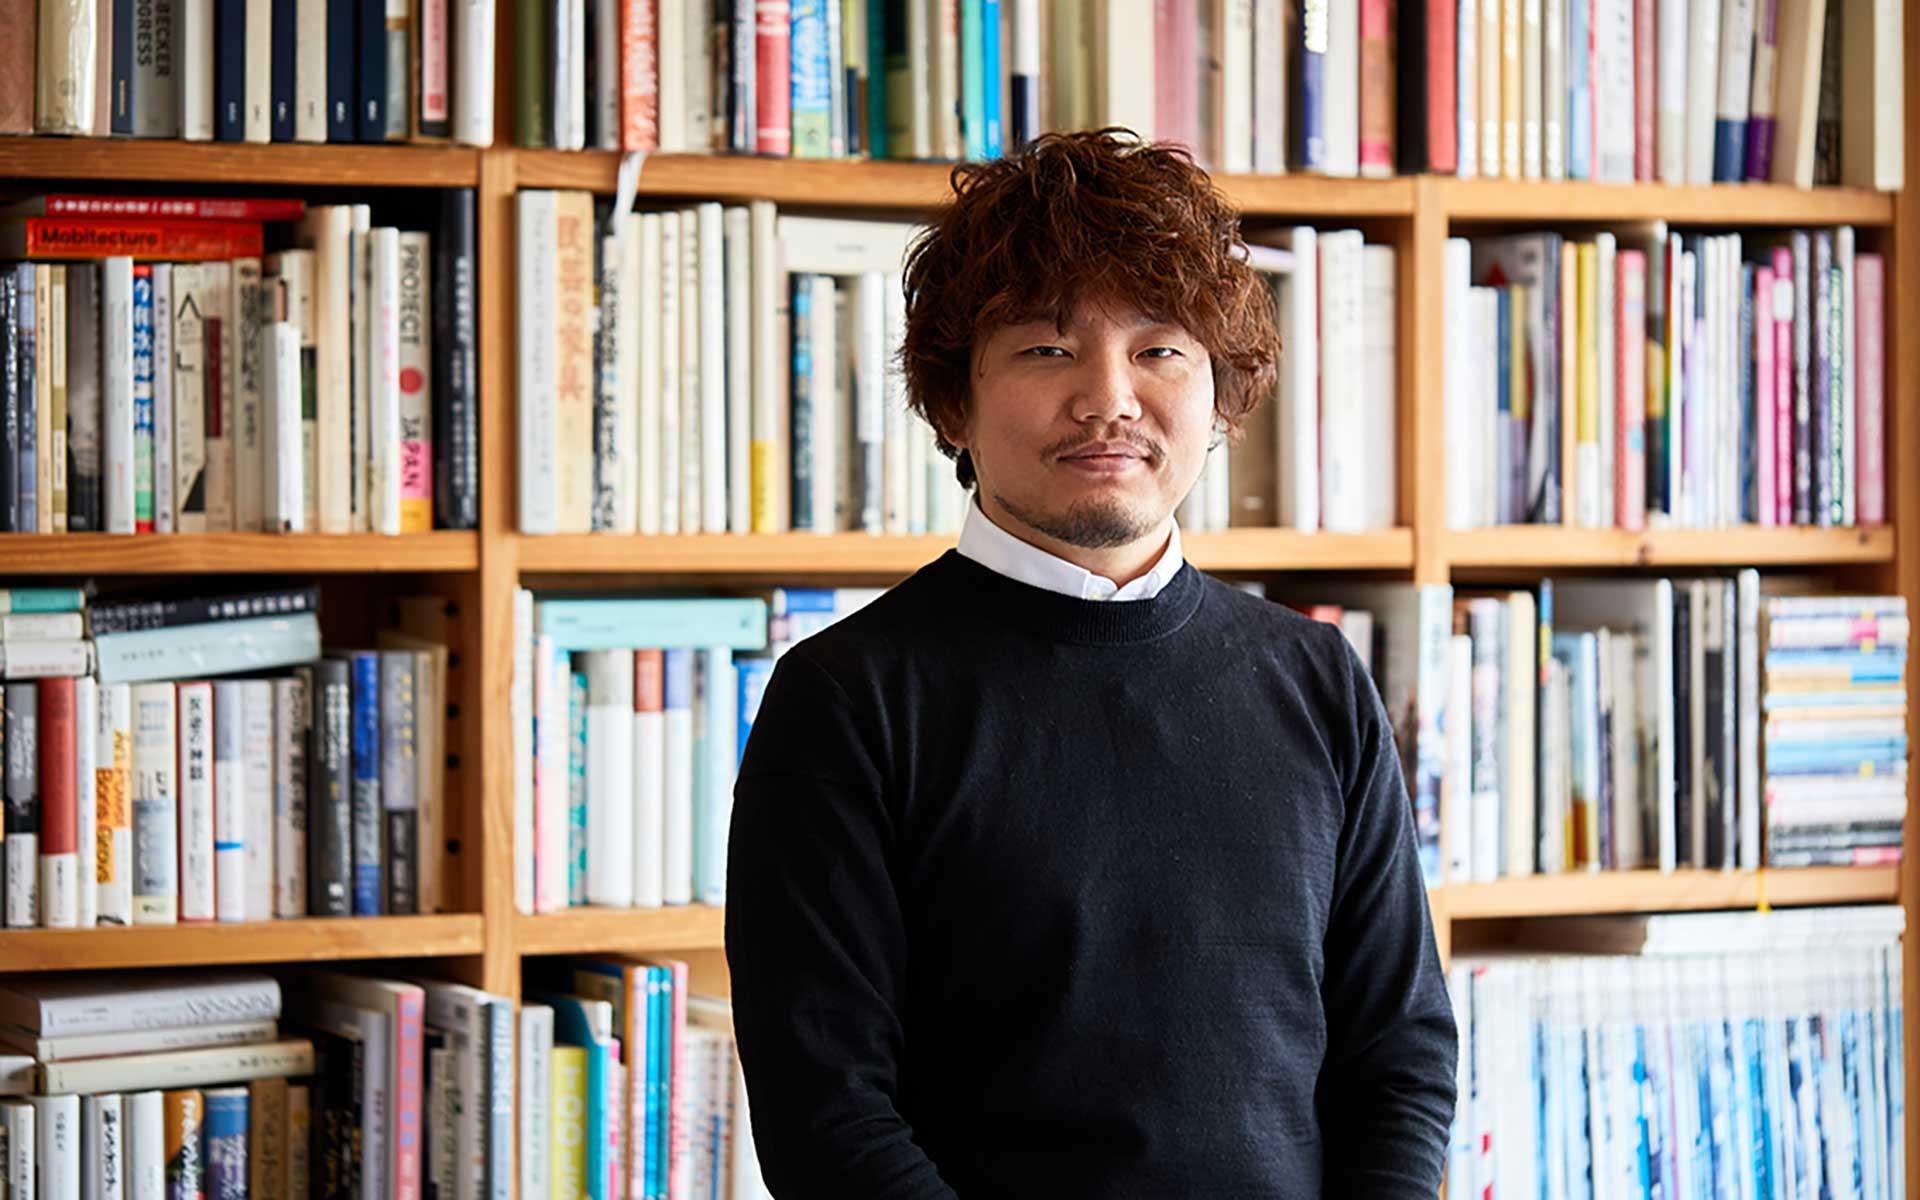 仕事が集まる新潟のデザイナー。彼が実践したのは『経営とデザインの幸せな関係』だった